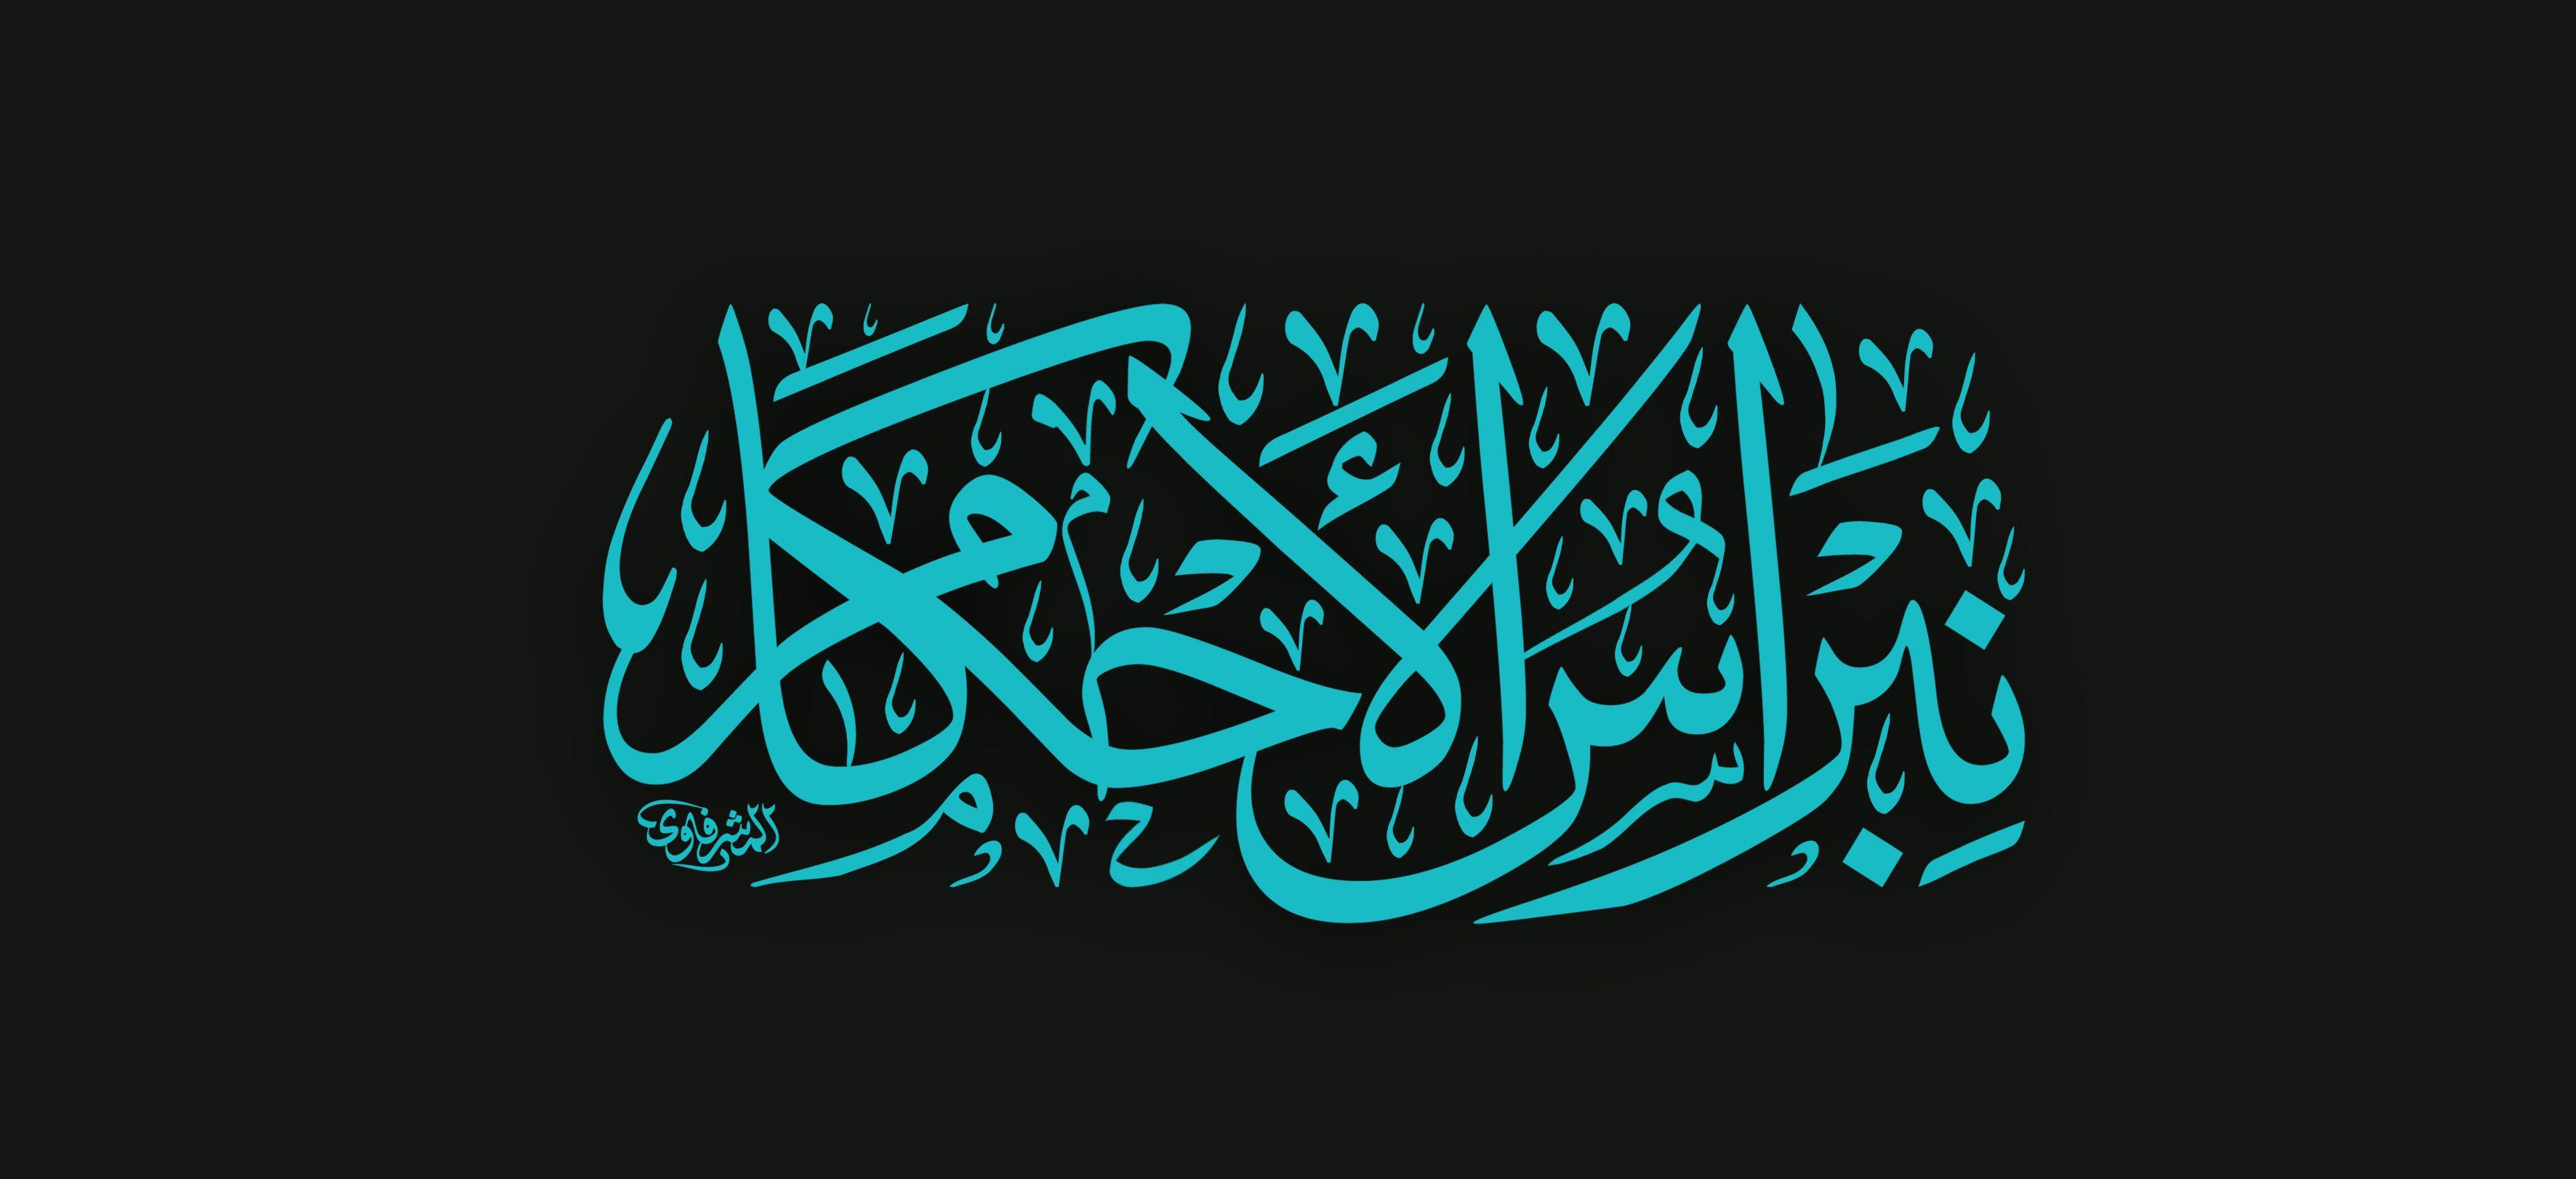 نبراس الاحكام الخطاط محمد الحسني المشرفاوي 1439 هجرية Calligraphy Arabic Calligraphy